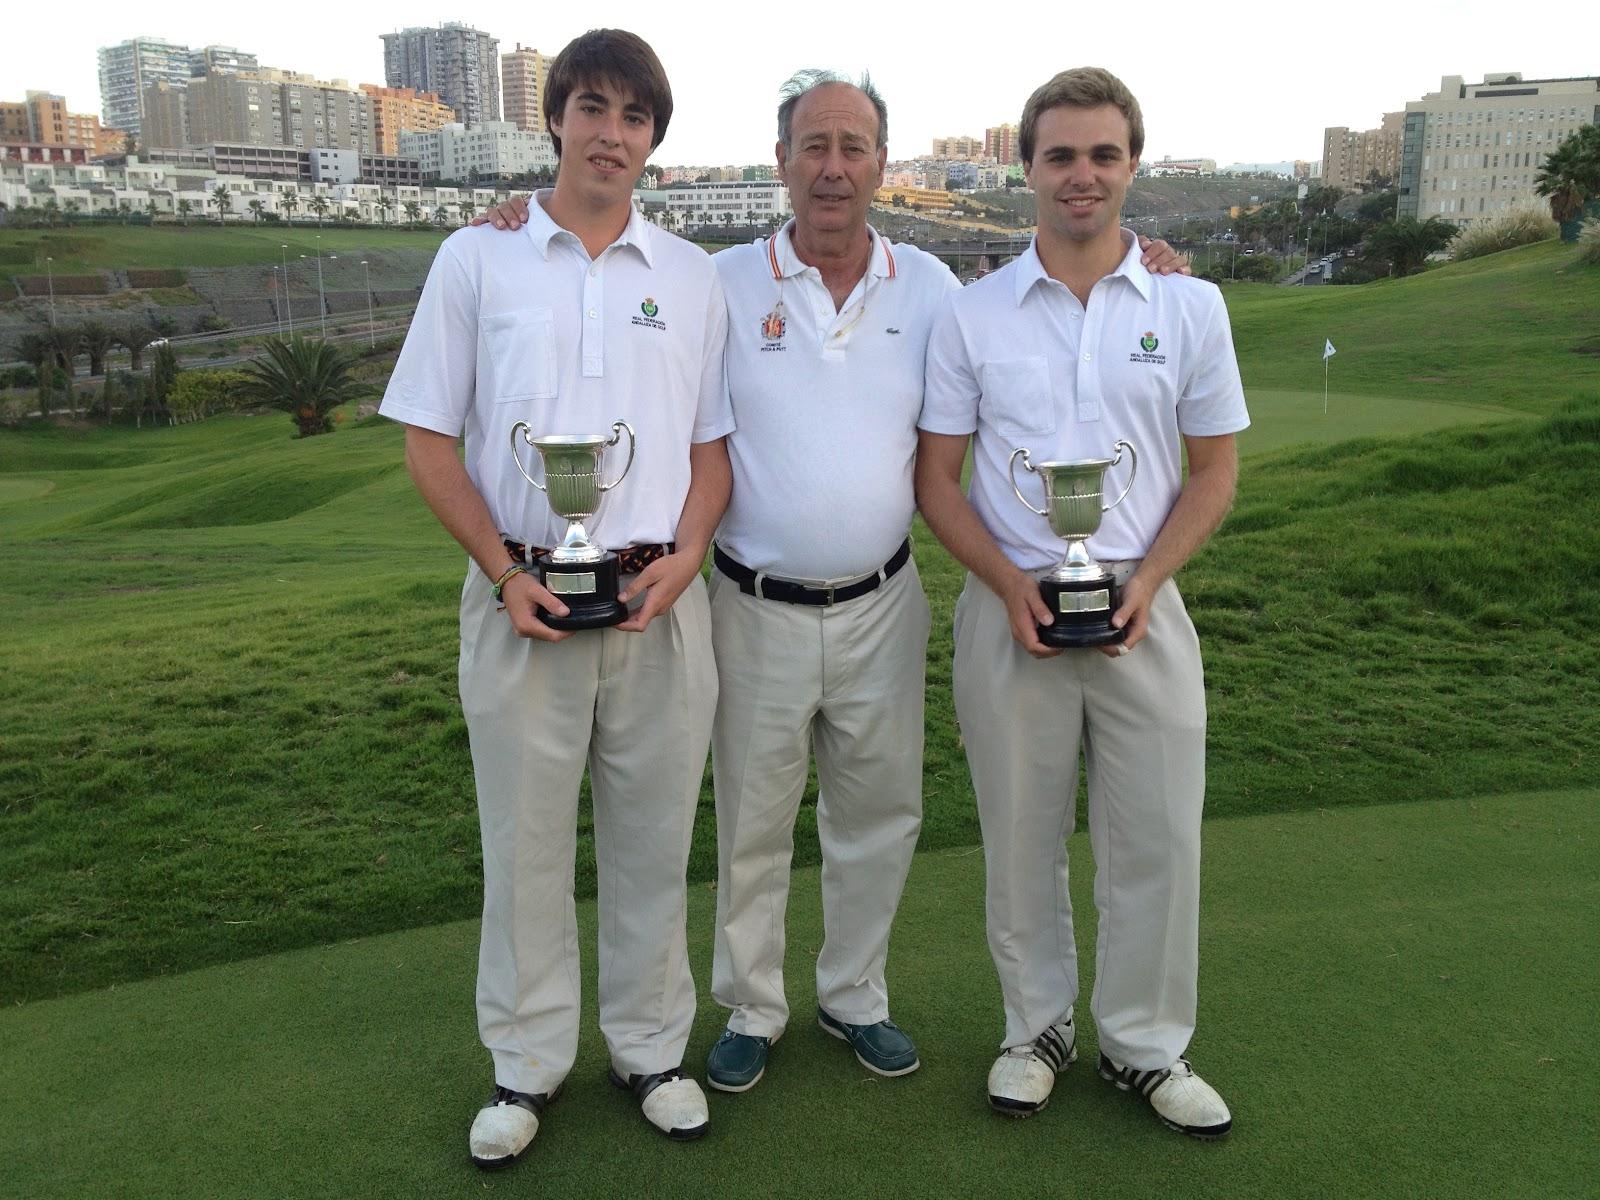 Campeones de España de Dobles de Pitch & Putt 2012